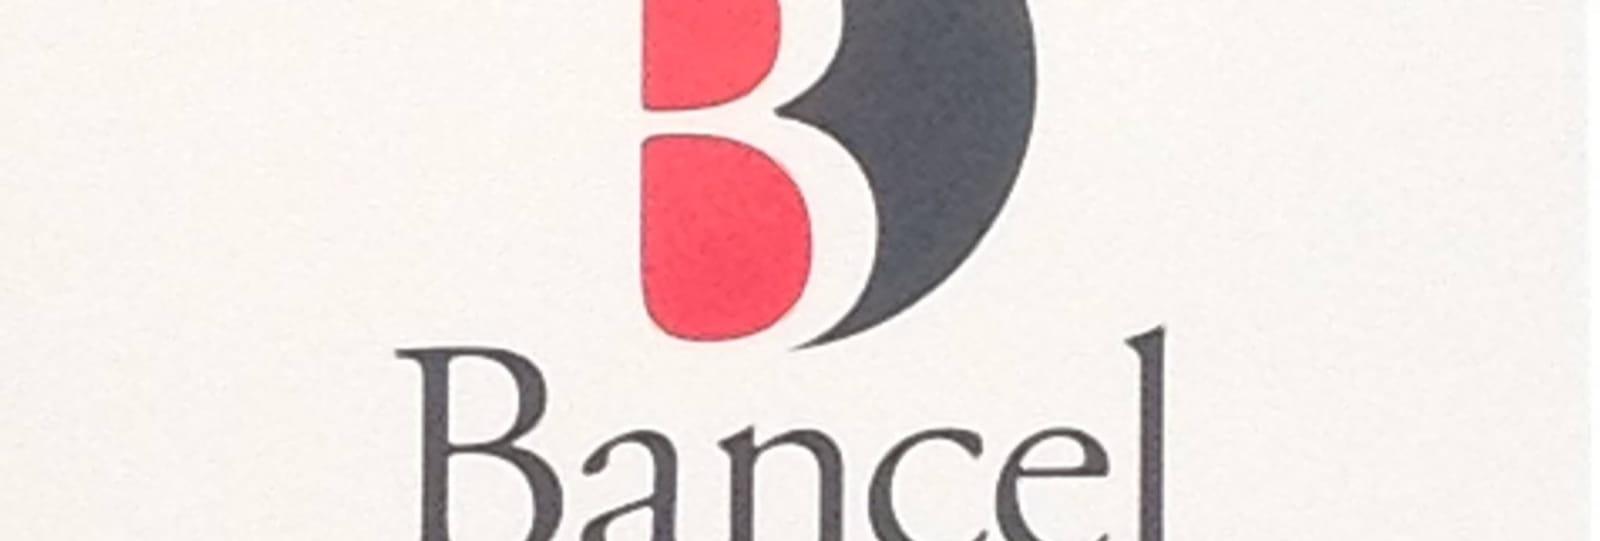 Maison Bancel Charcuterie Artisanale